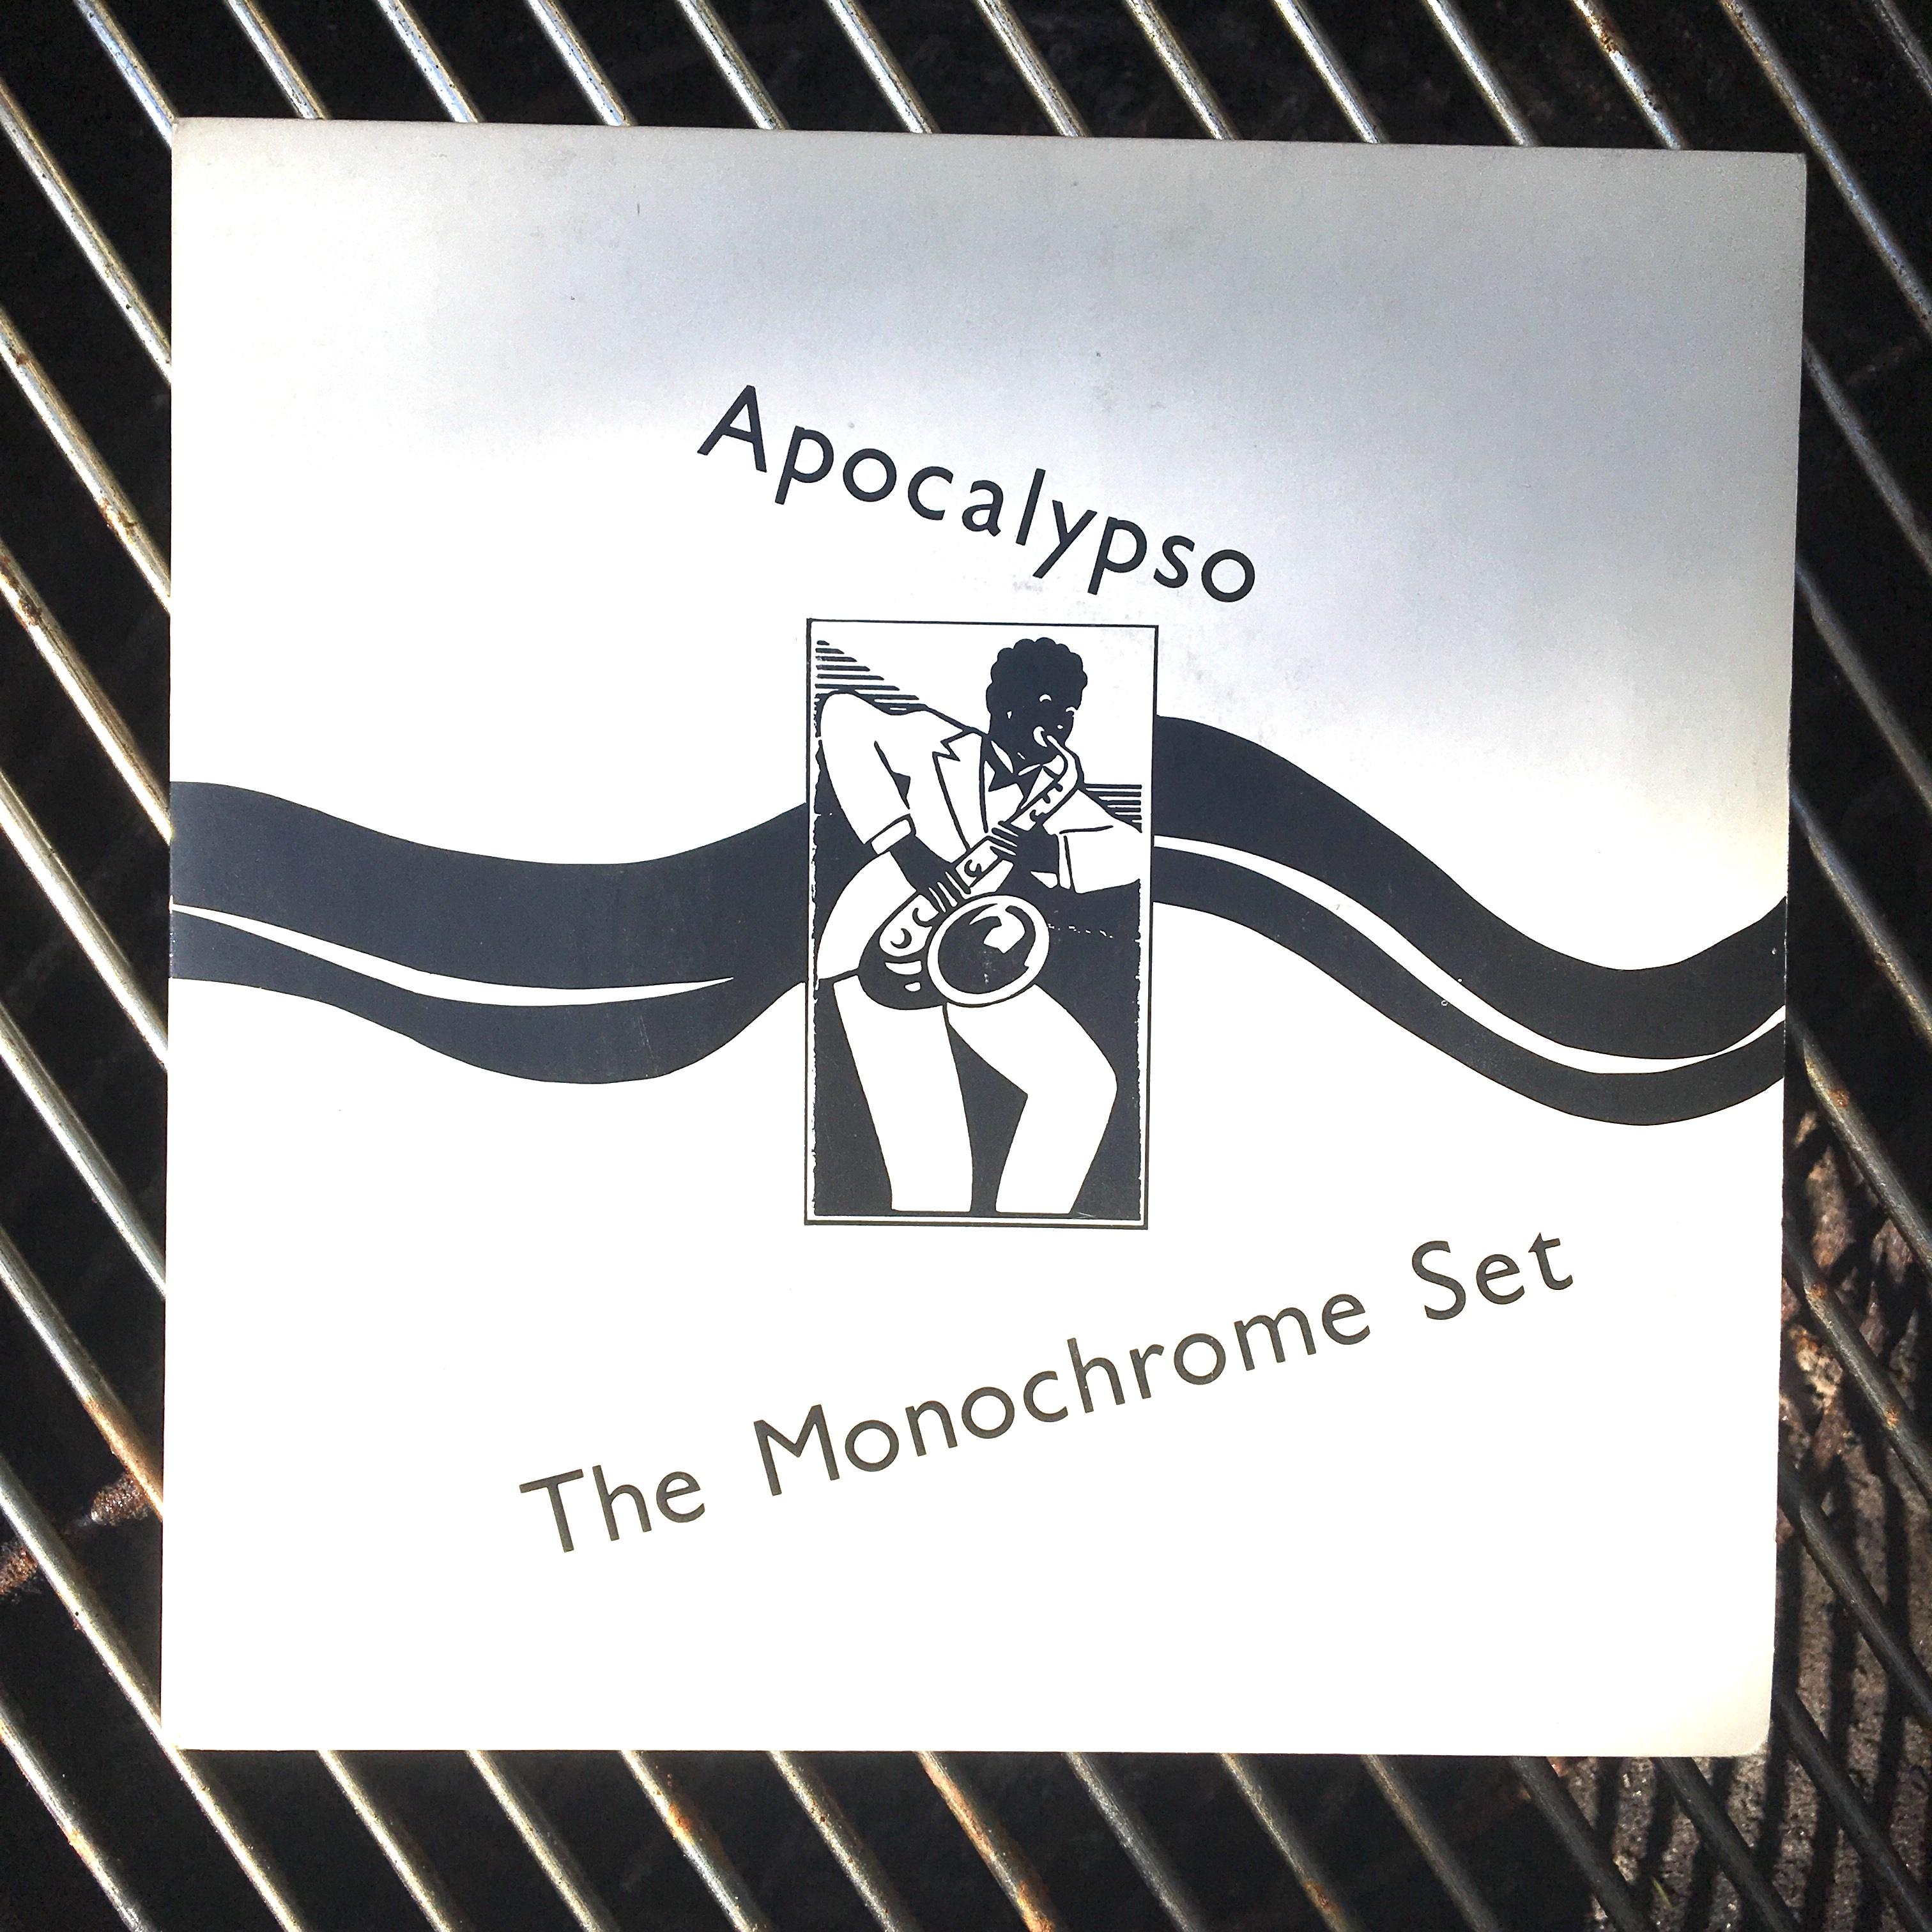 The Monochrome Set Apocalypso